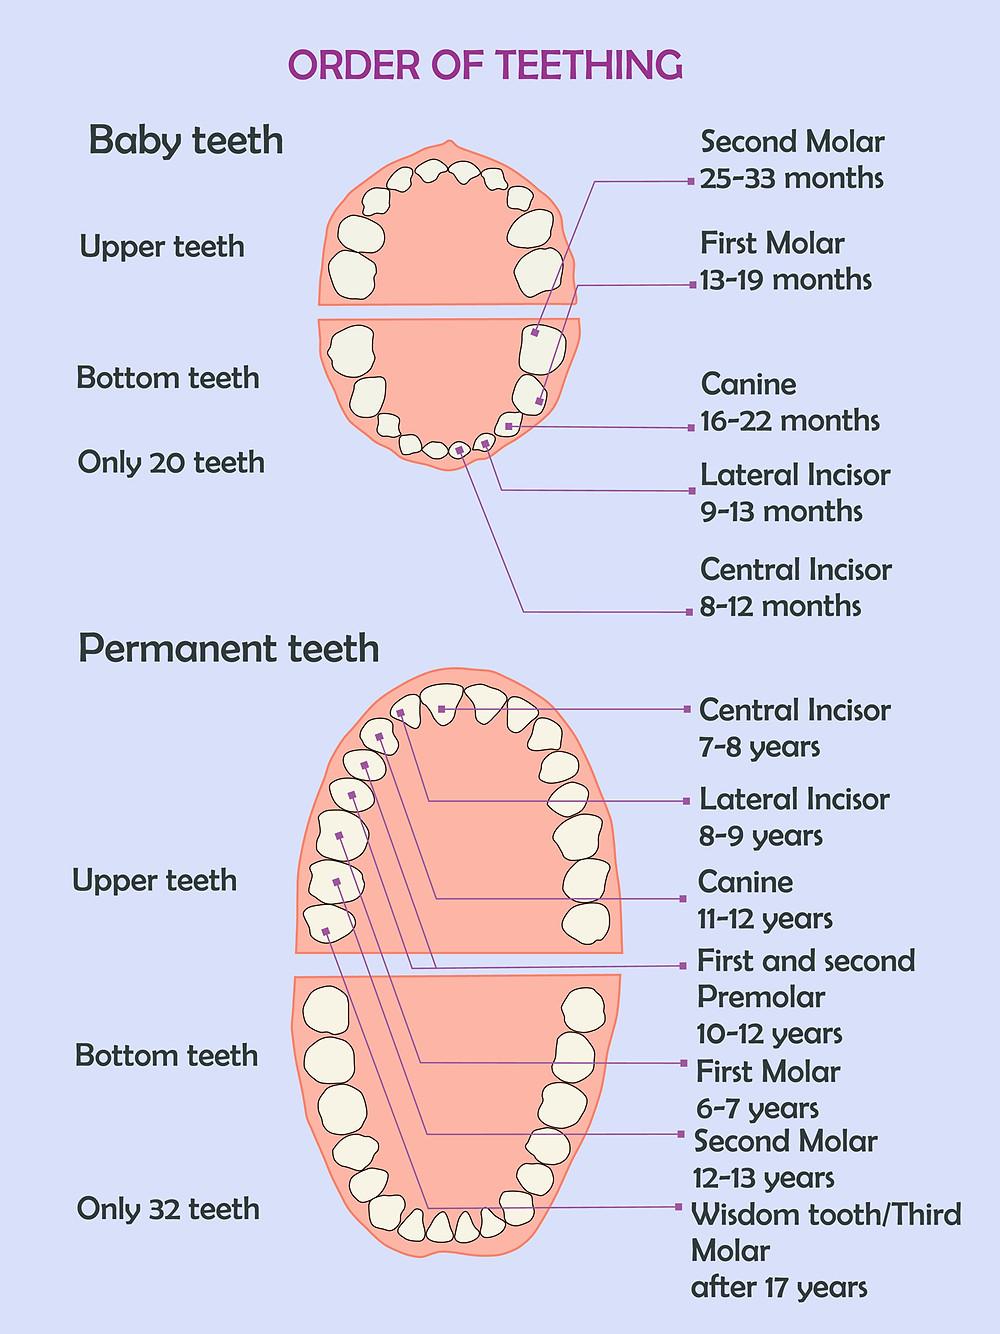 Order of Teething